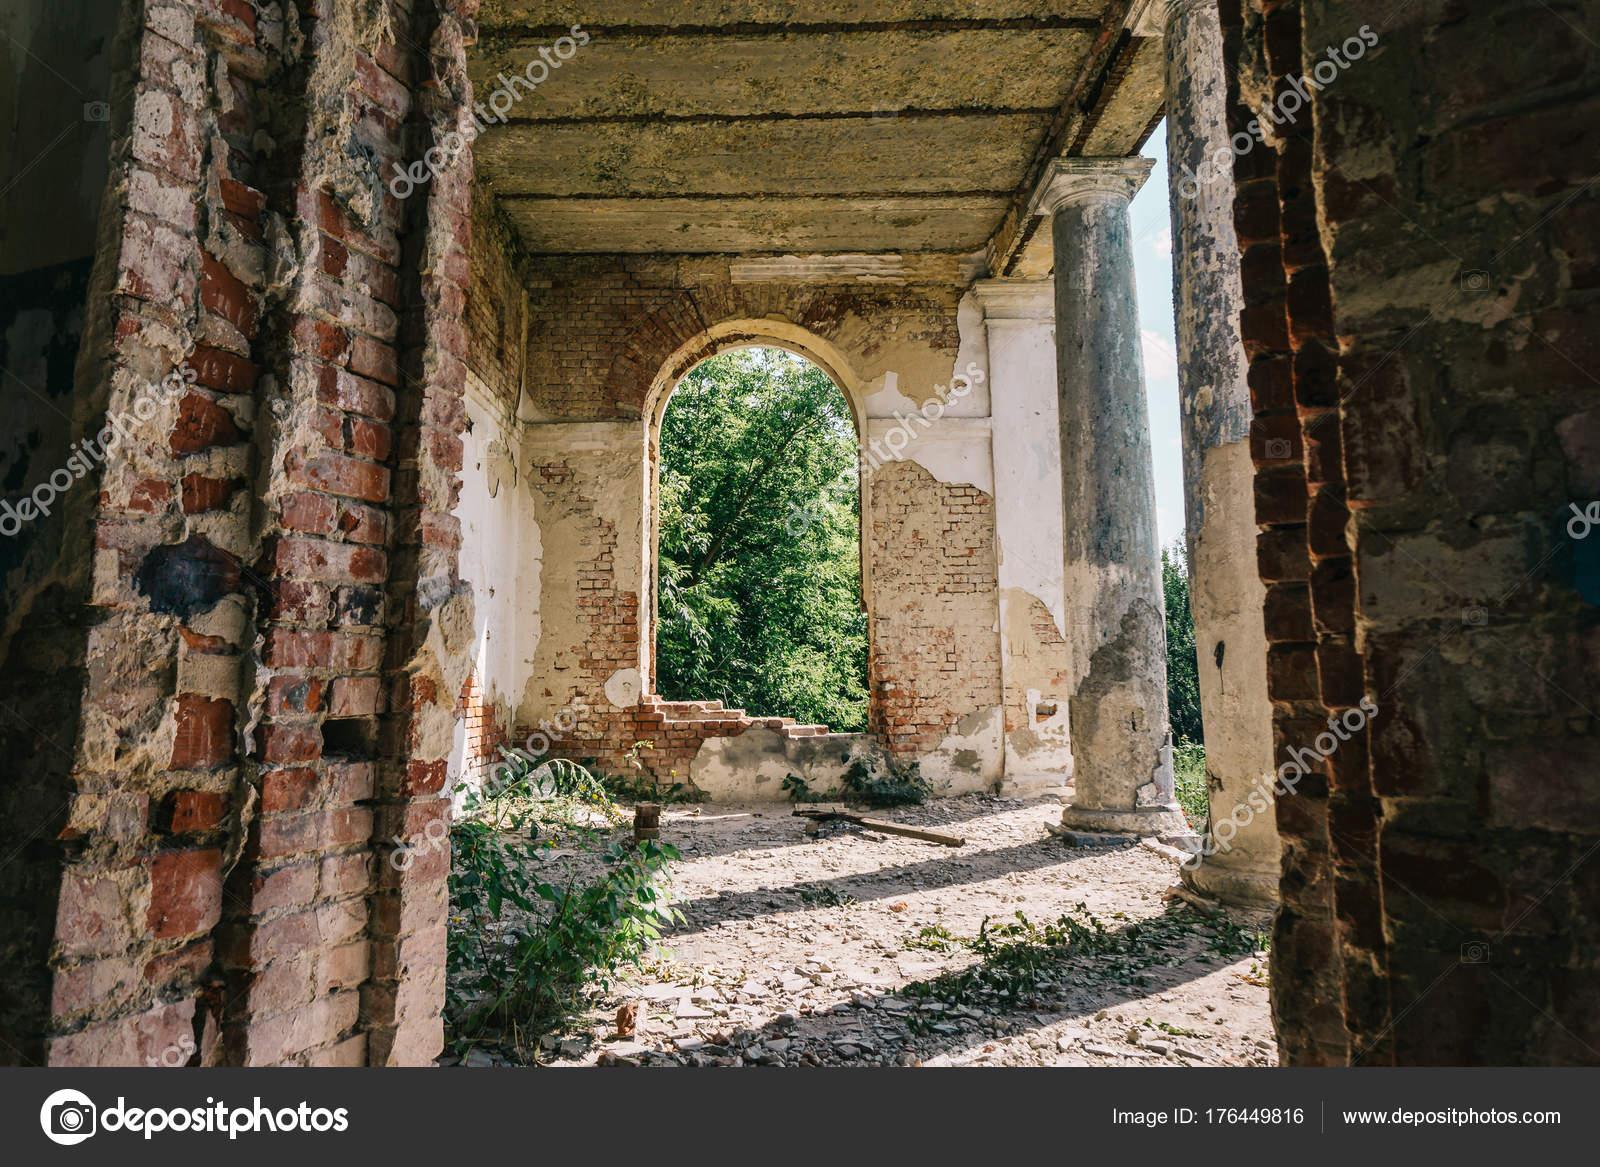 Geistervilla, Verlassenen Alten Gebäude Innen Interieur Mit Bogenfenster U2014  Stockfoto